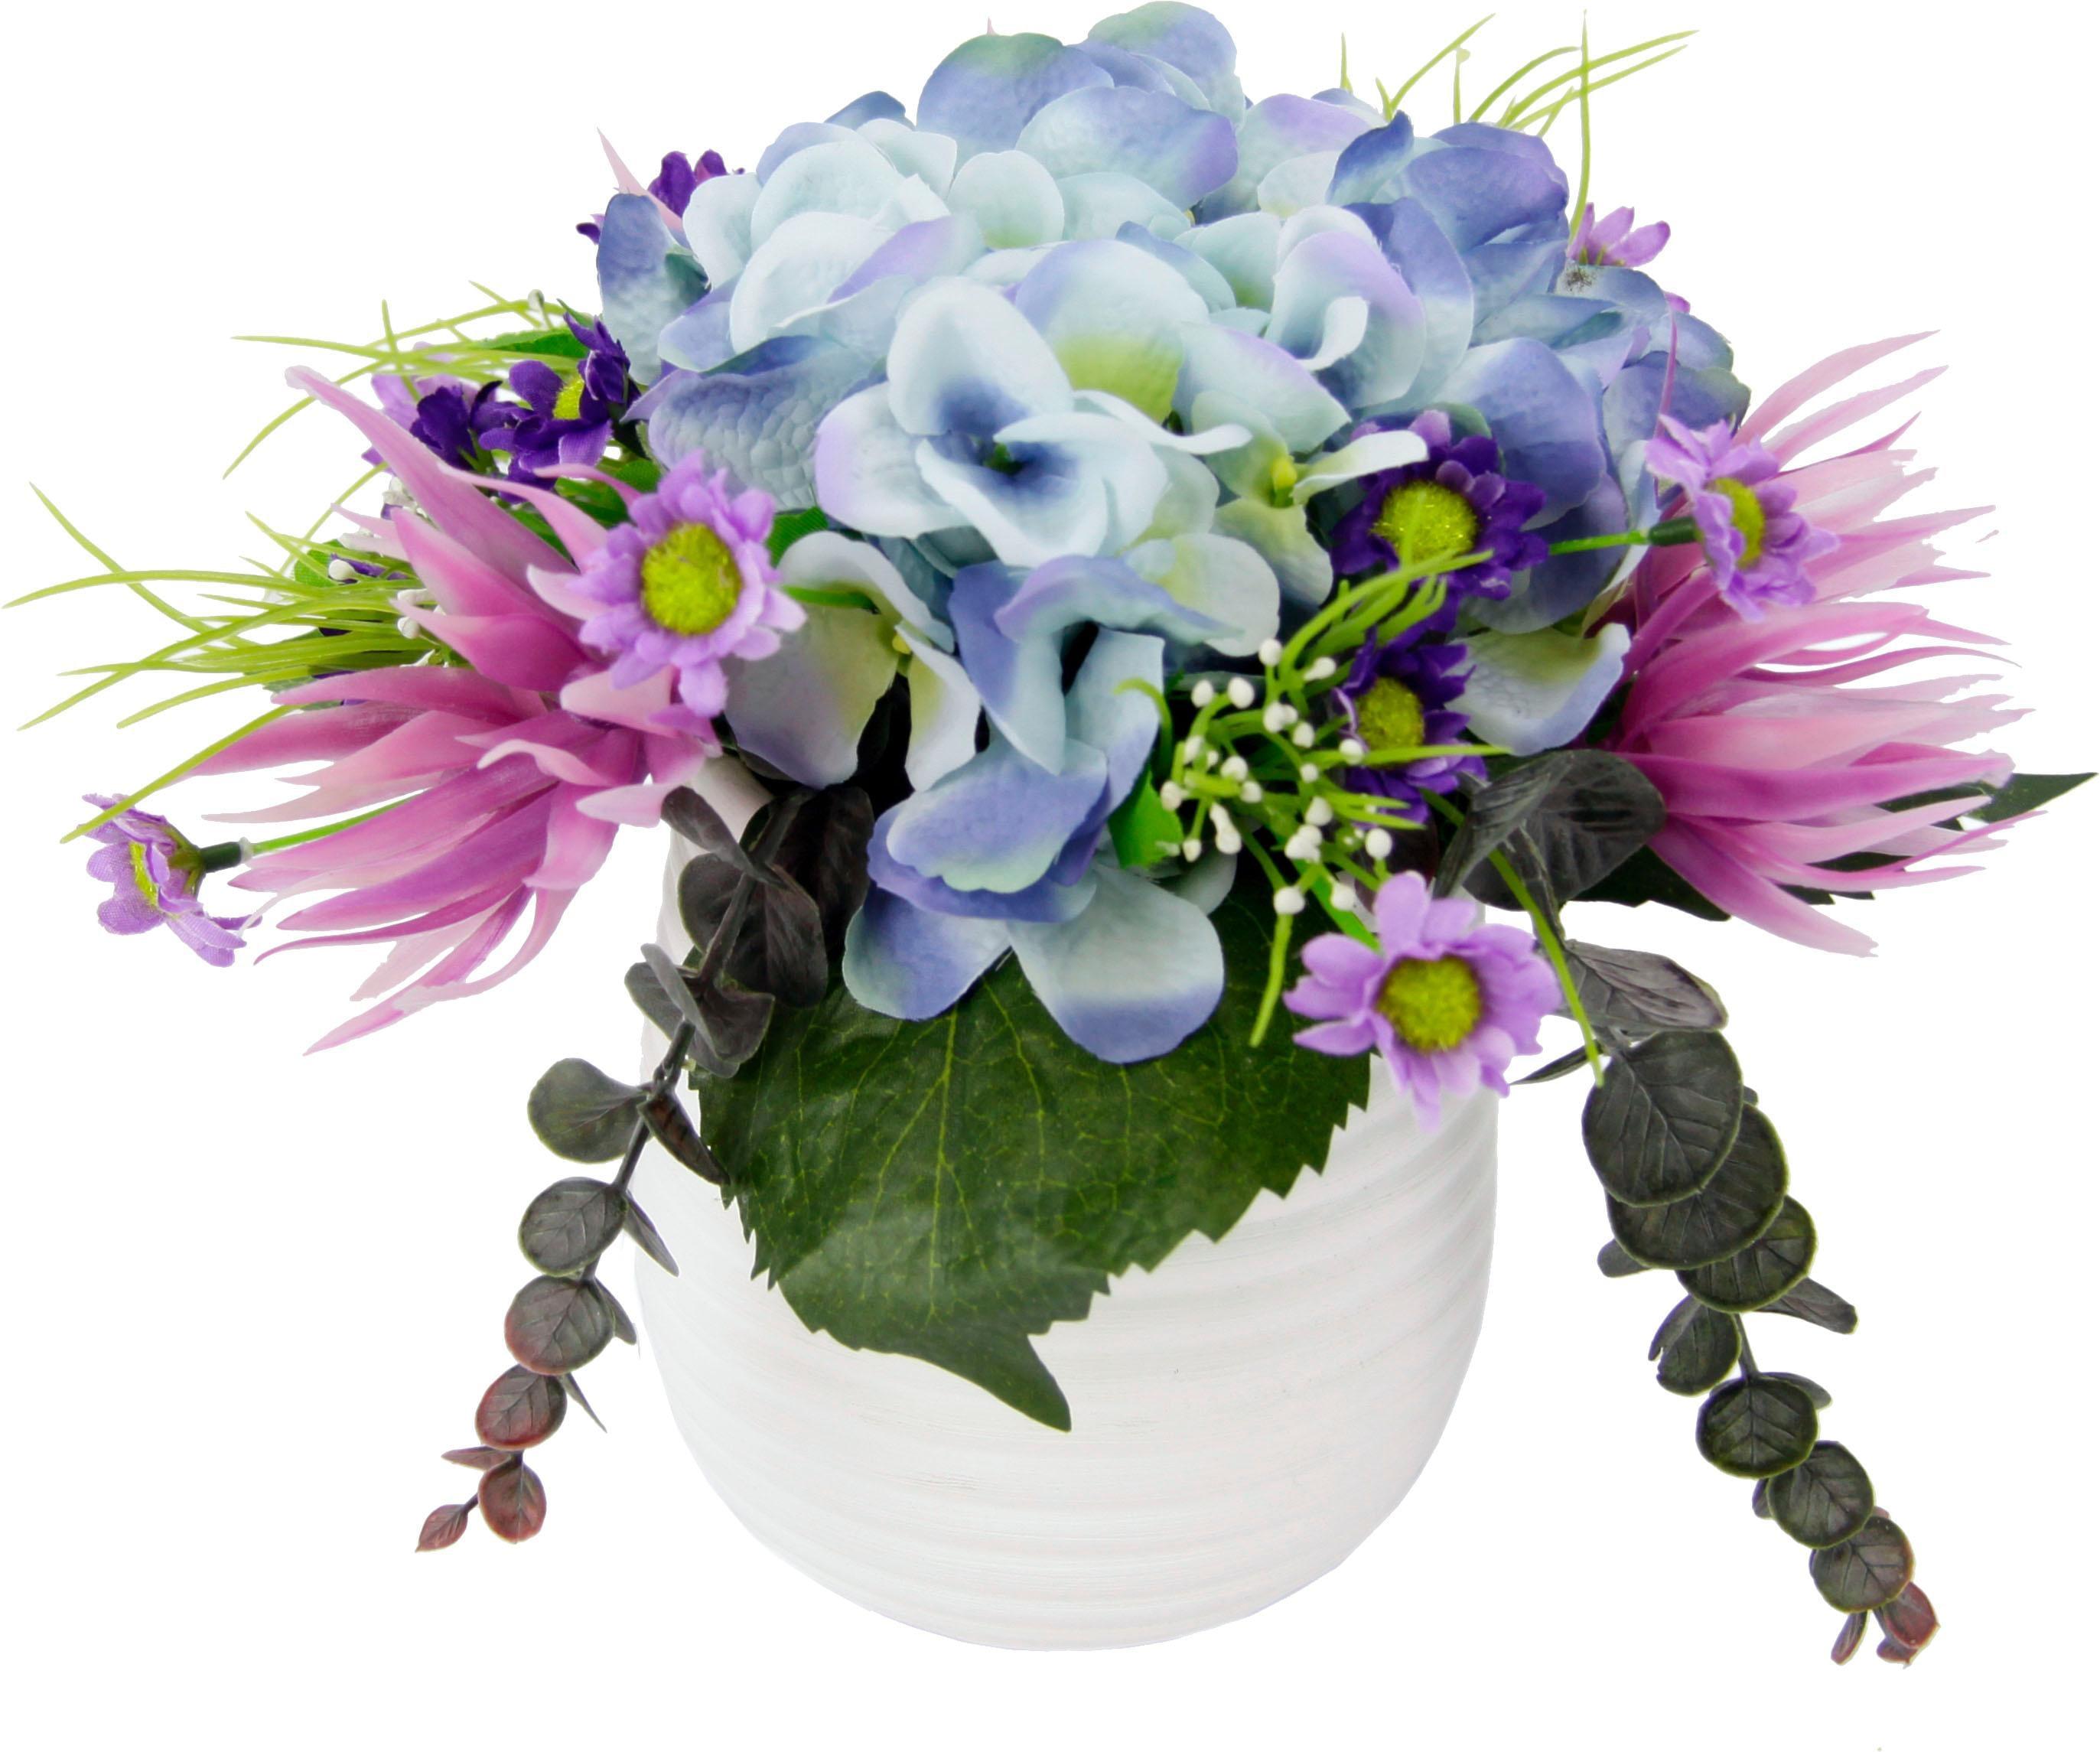 Kunstpflanze Technik & Freizeit/Heimwerken & Garten/Garten & Balkon/Pflanzen/Kunstpflanzen/Kunst-Blumen